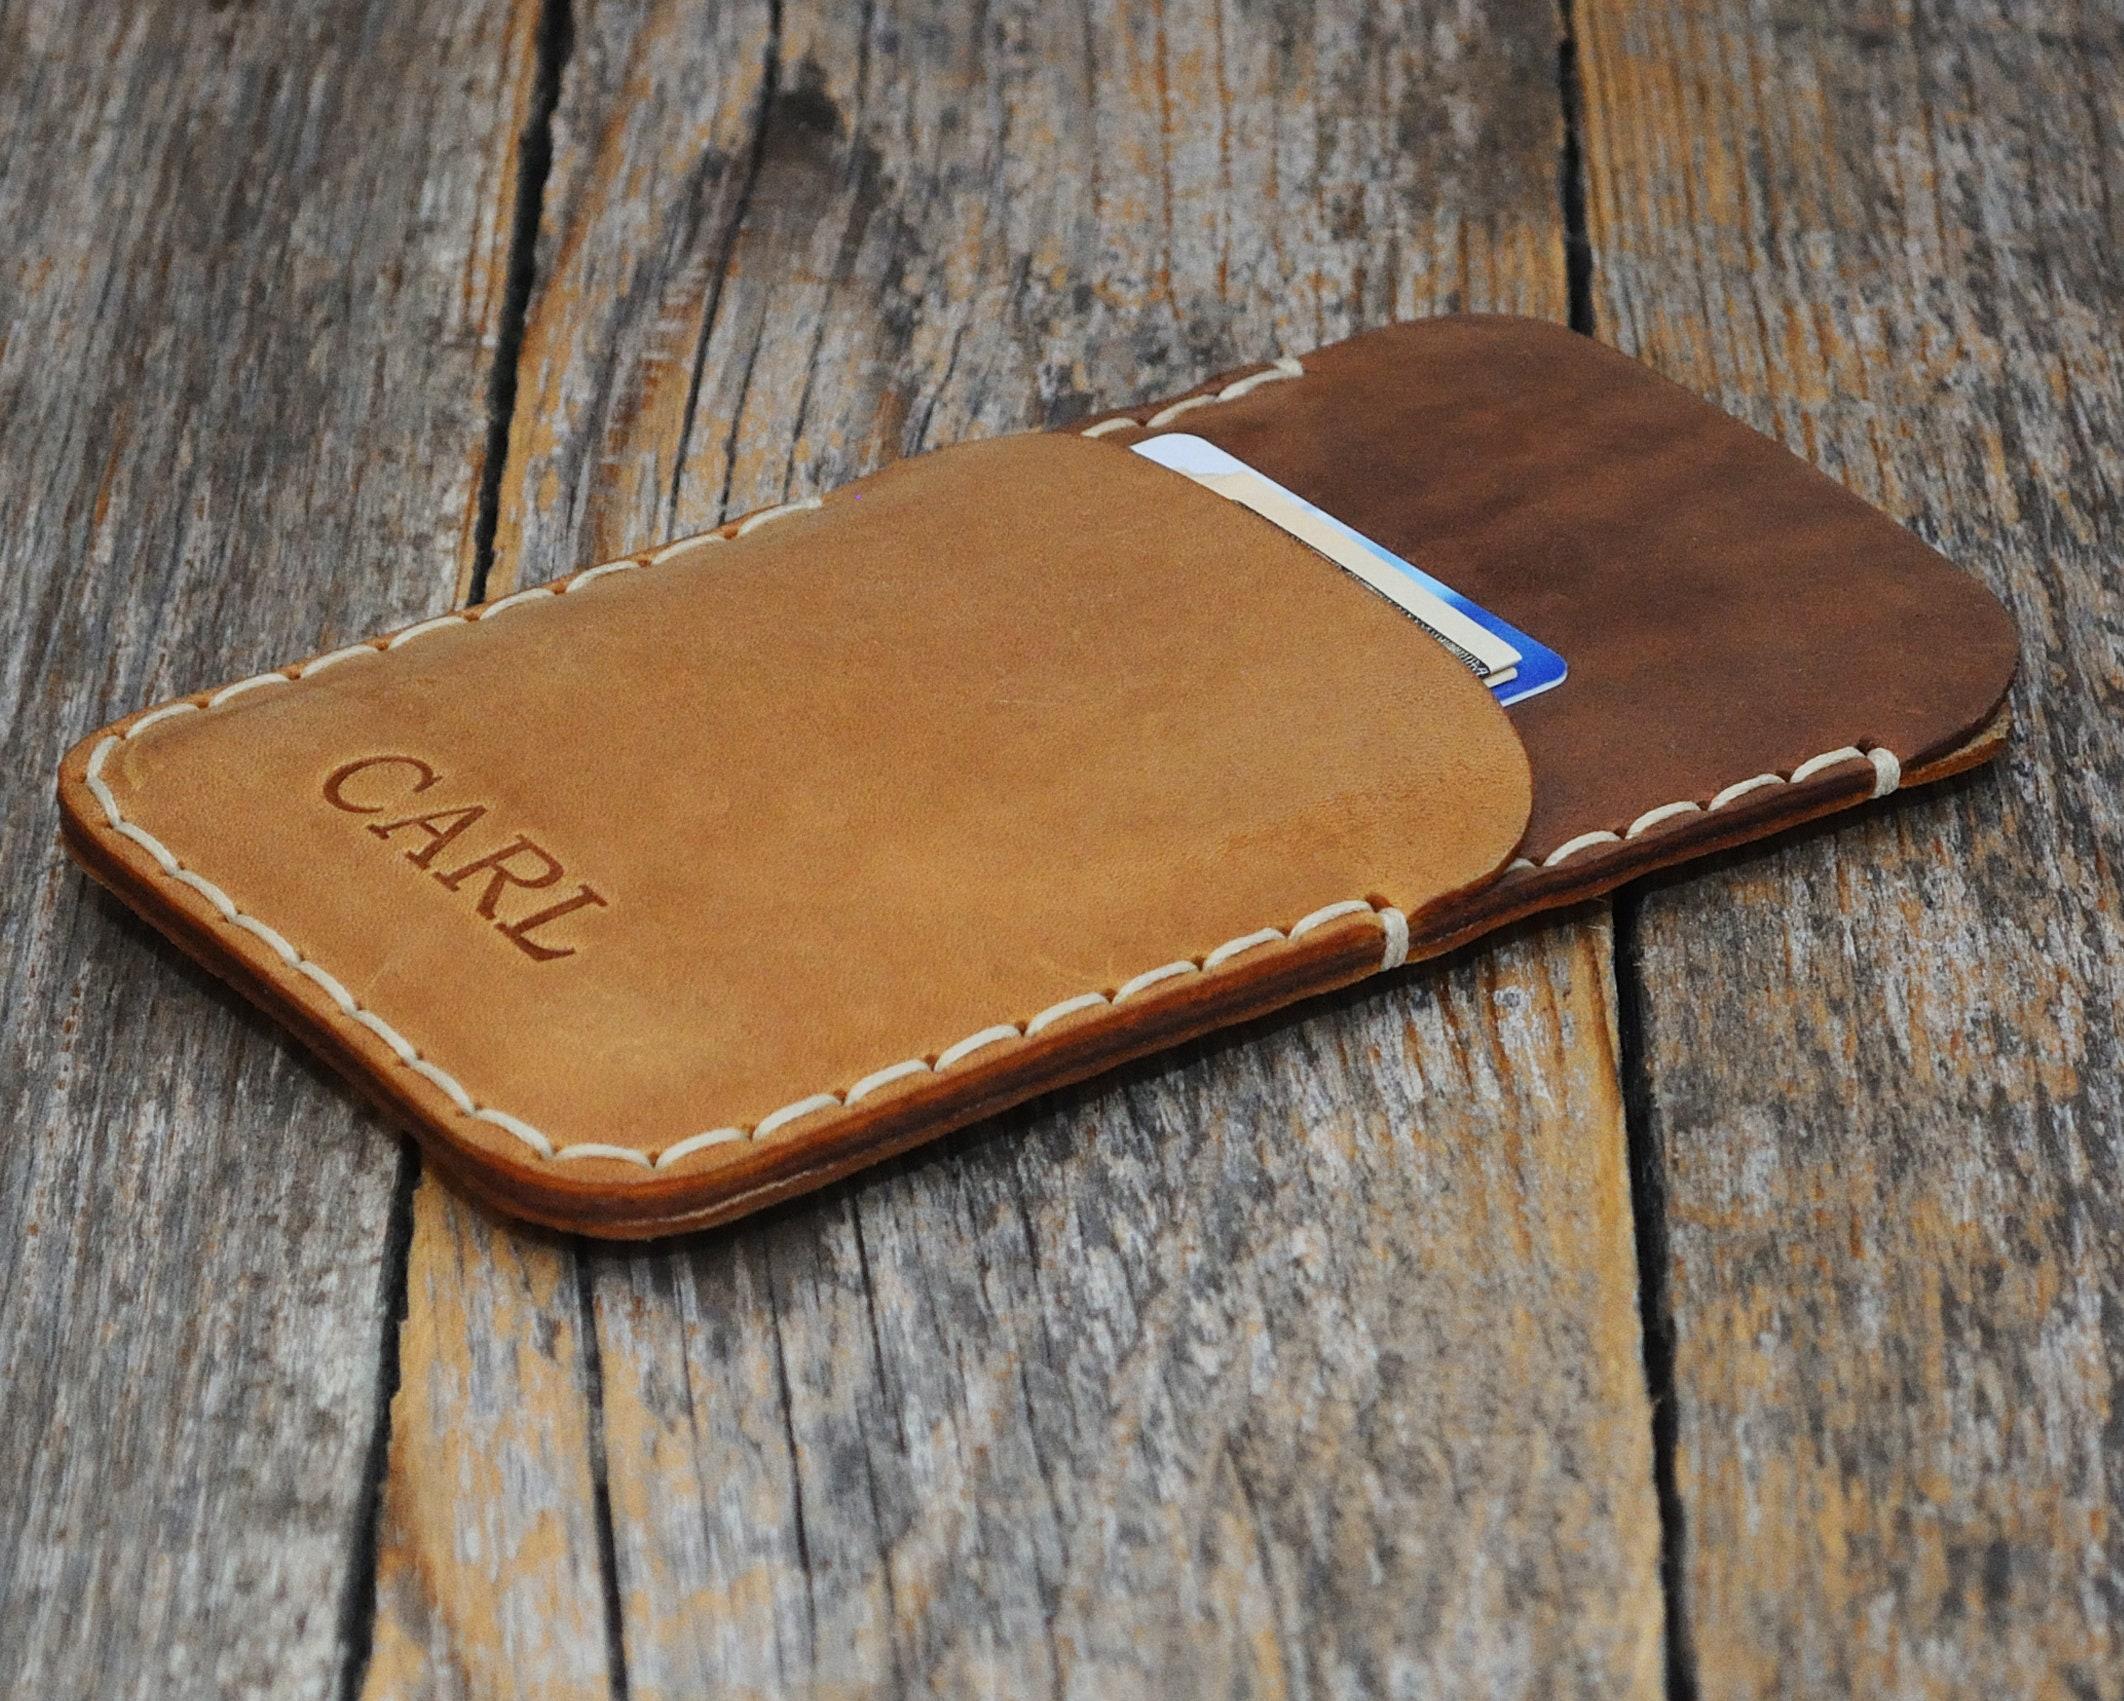 Personalised Saffiano Passport Cover - Nude - HA Designs LTD